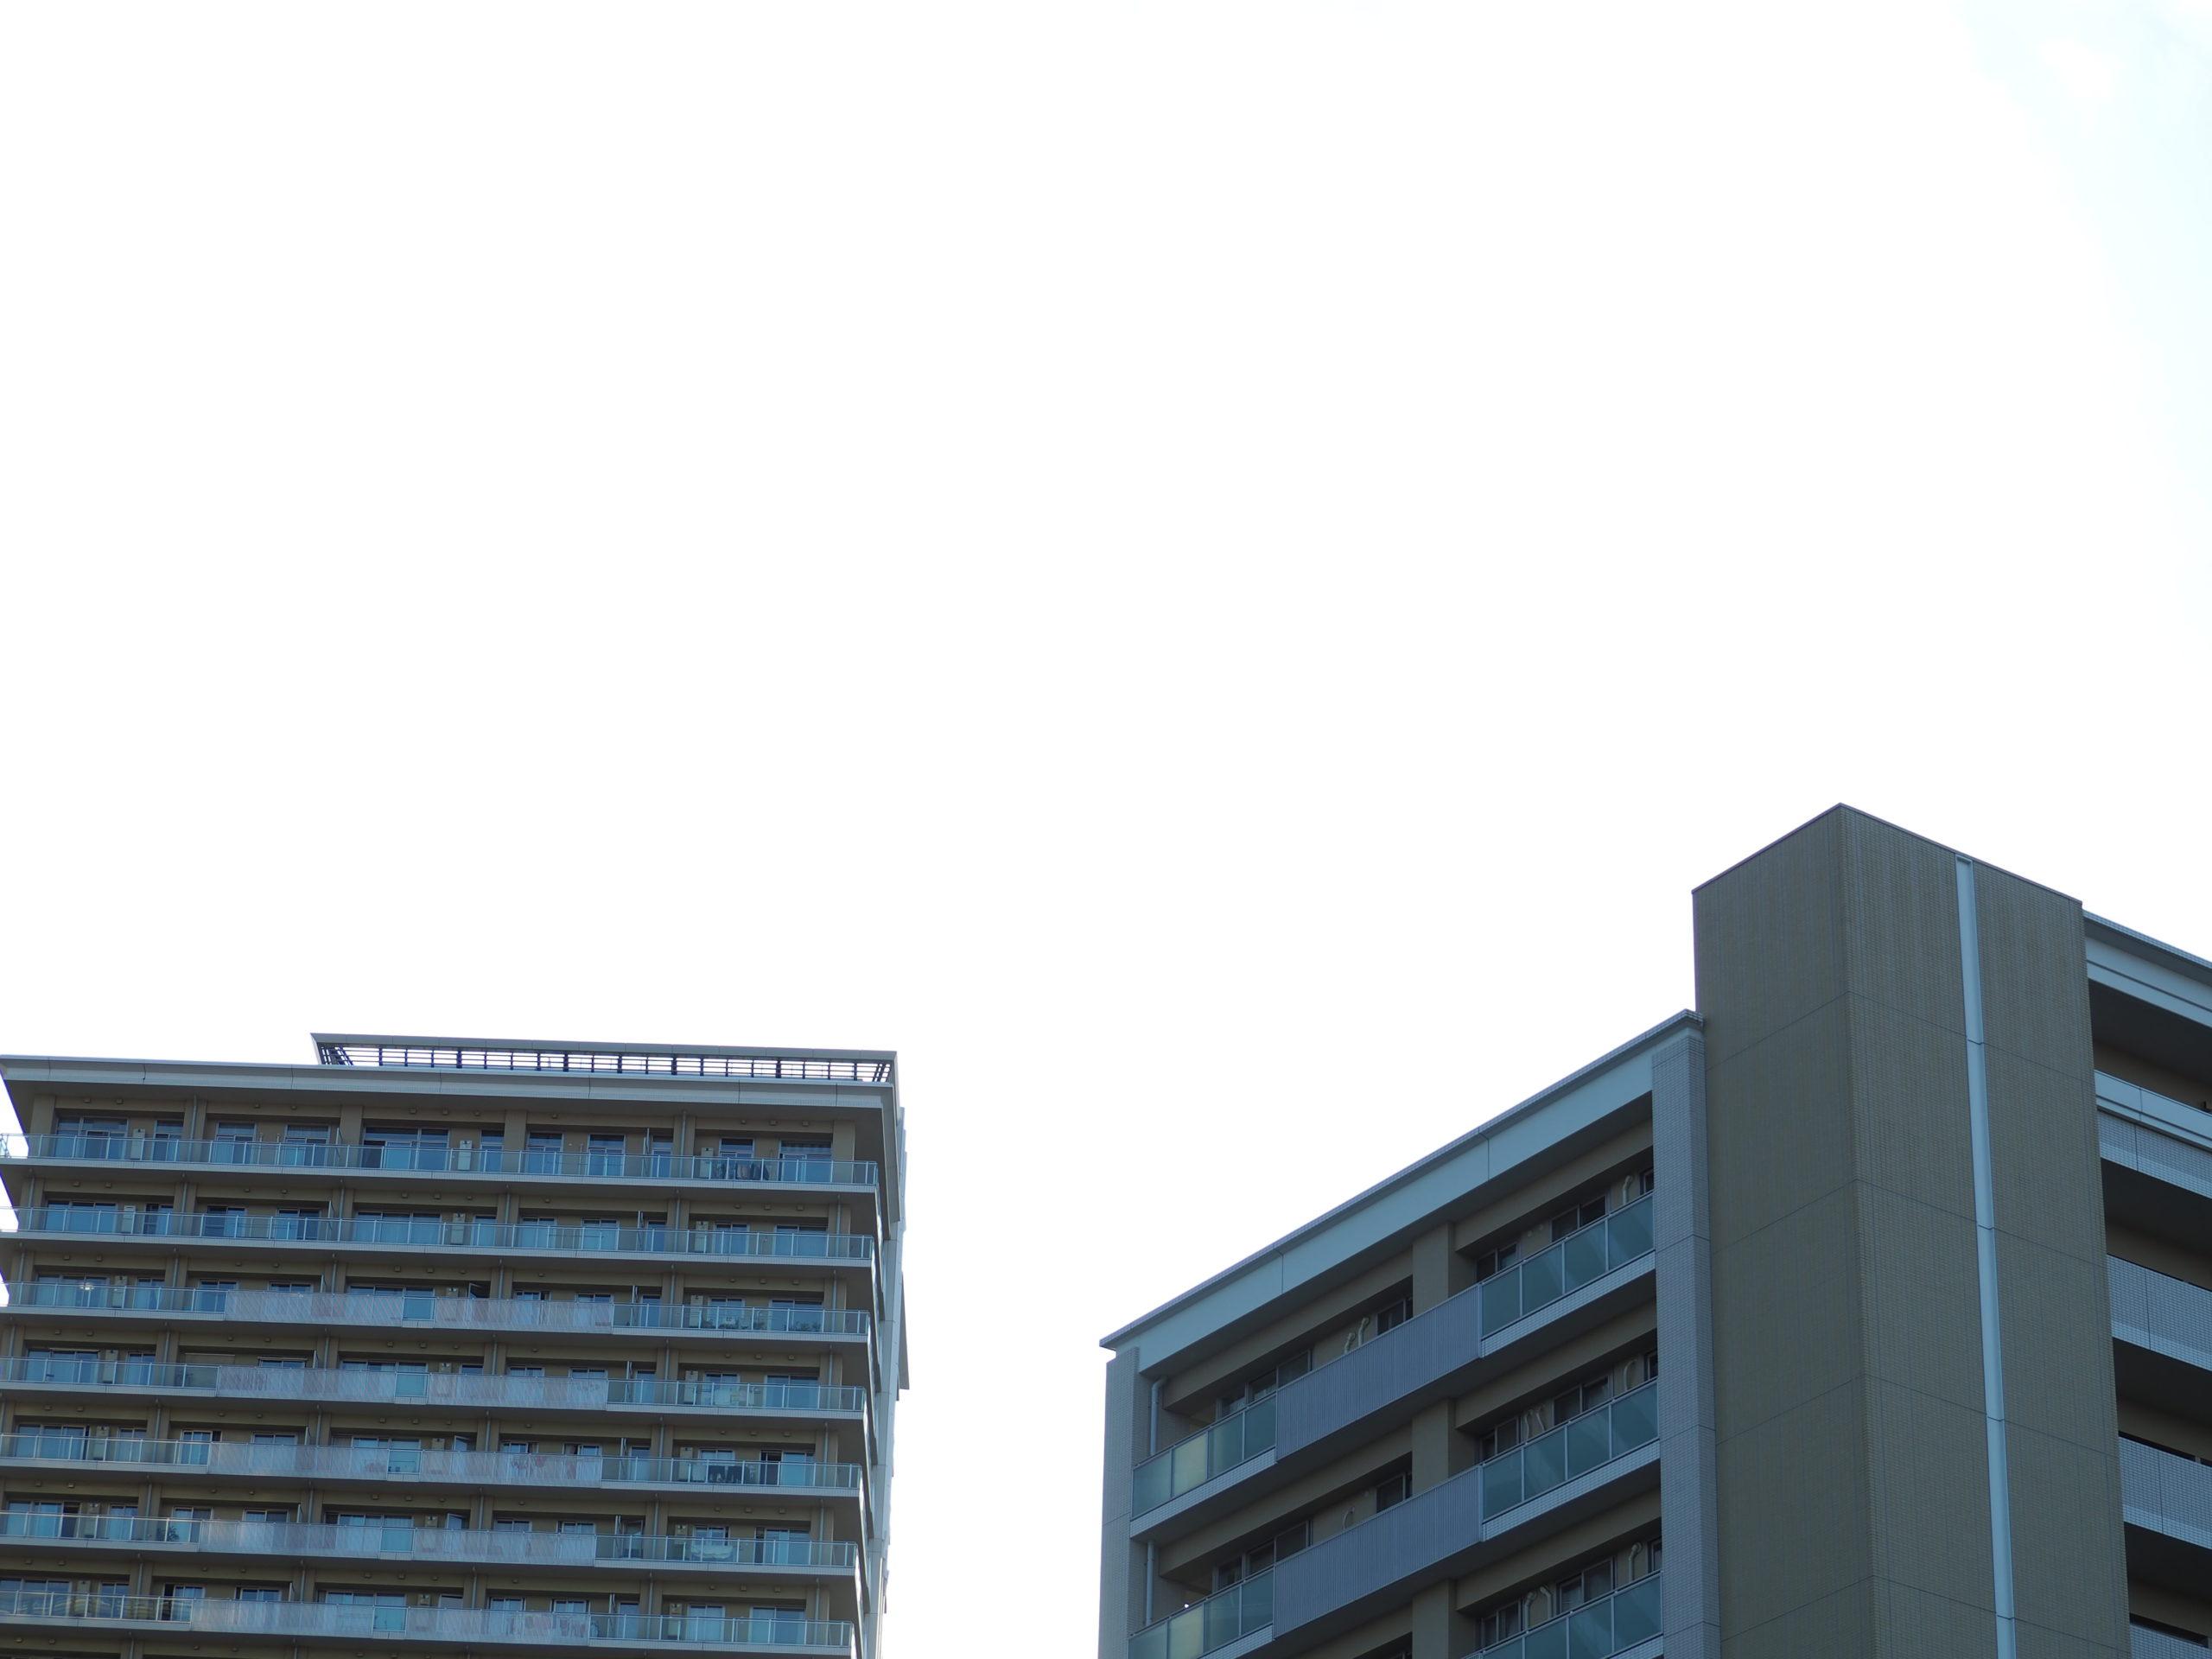 国のマンション管理適正化推進基本方針<br>分譲会社への役割明記、適正管理と再生の連続性を提起<br>管理適正化推進計画は地域の実情踏まえた目標設定求める